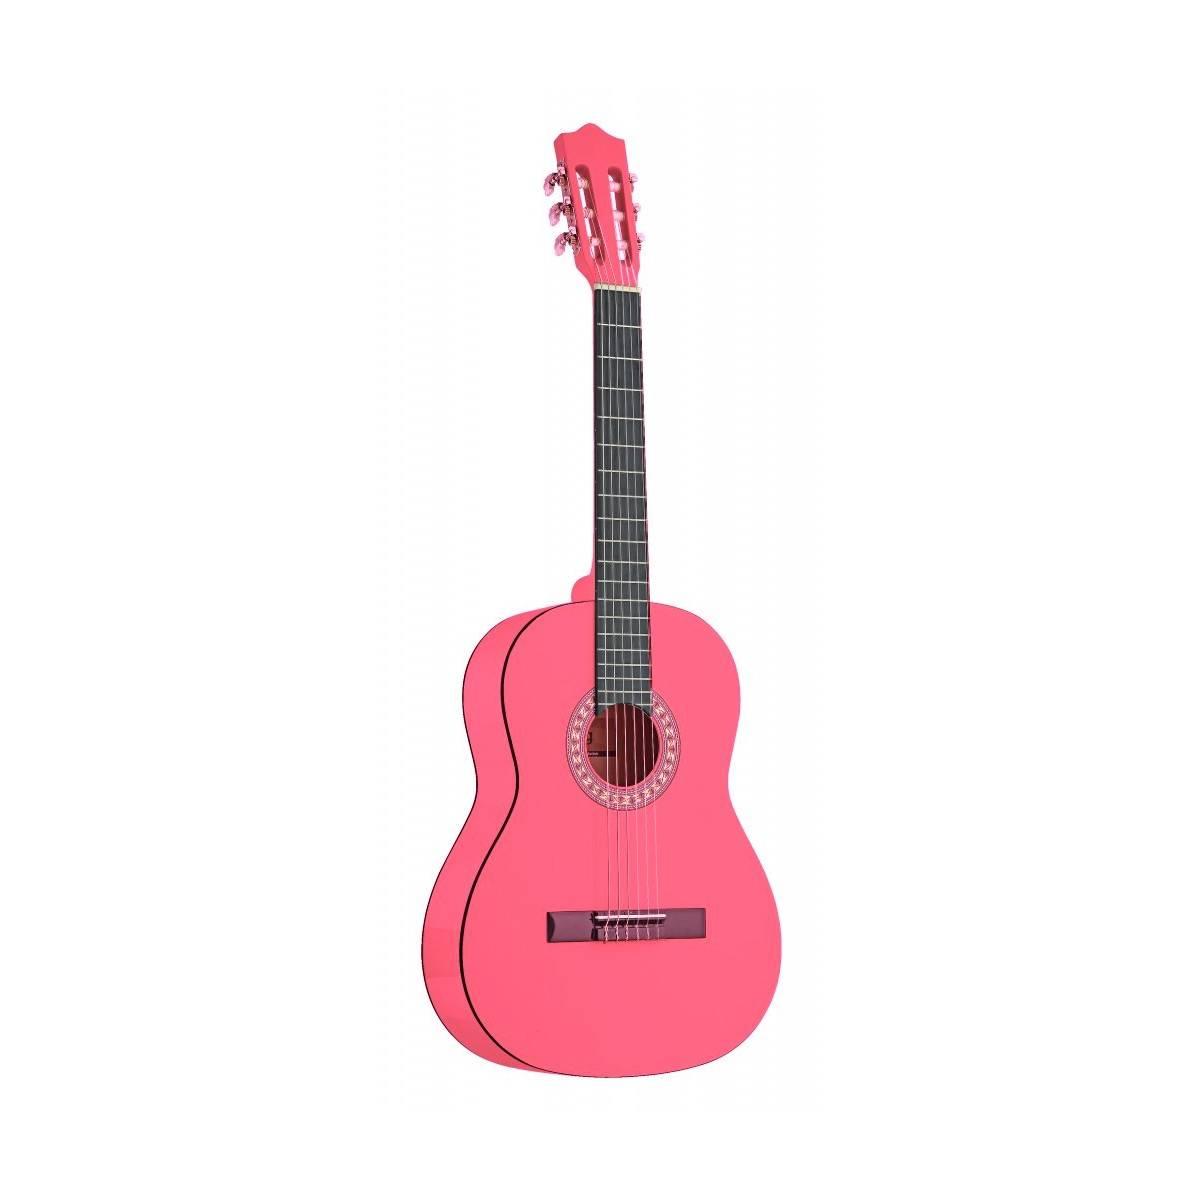 guitare enfant classique rose 3 4 pas cher noizikidz. Black Bedroom Furniture Sets. Home Design Ideas